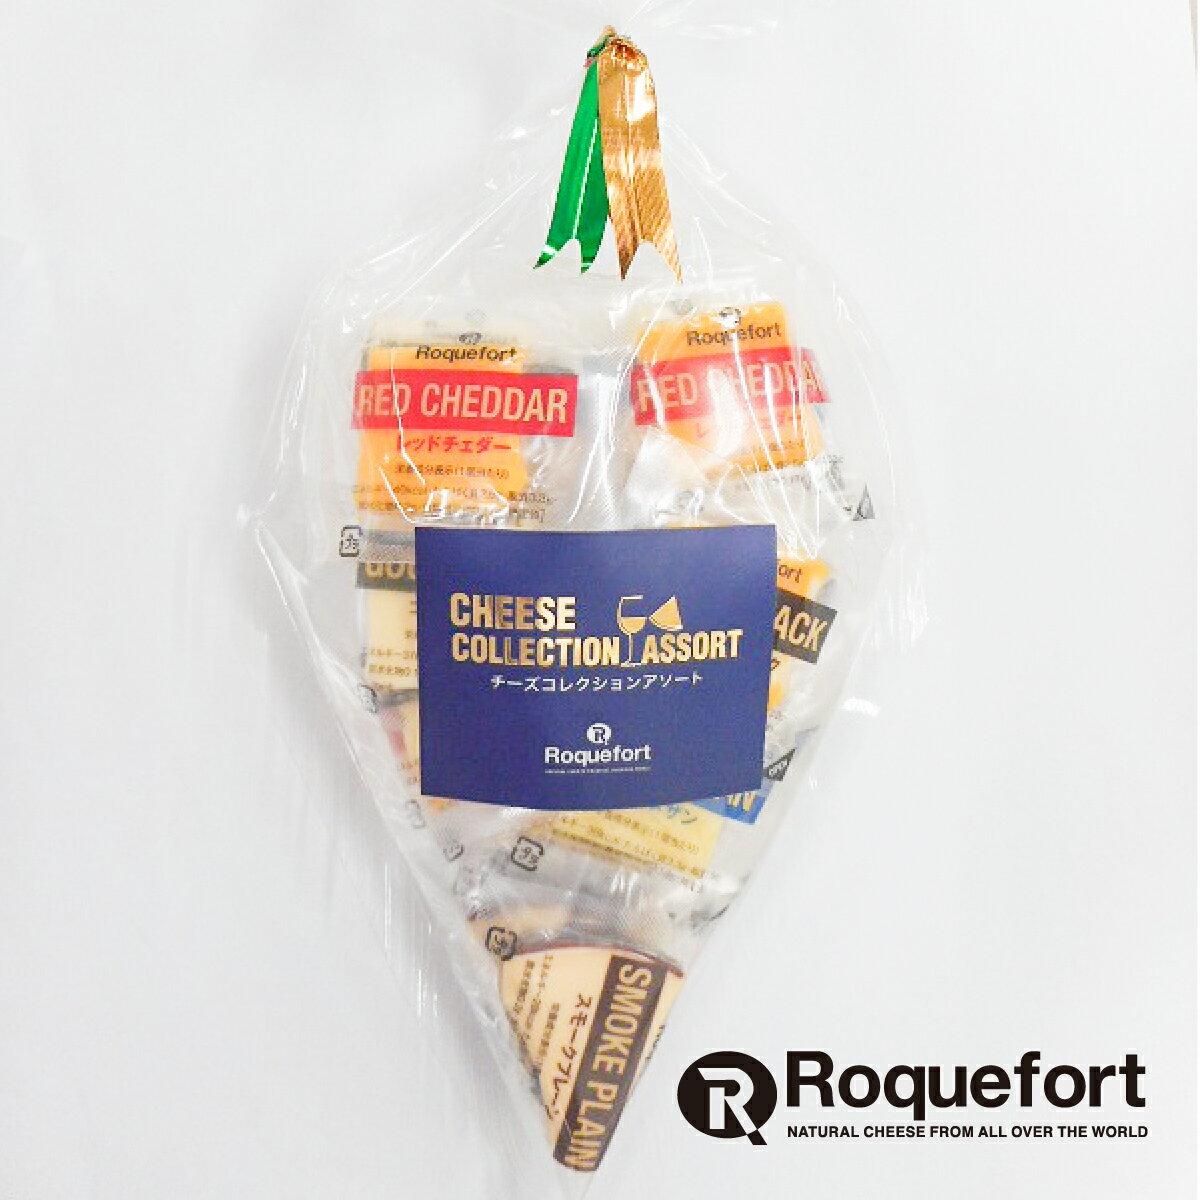 チーズコレクション・アソート 230g (10g×23個) アソートチーズ 6種類の詰め合わせ